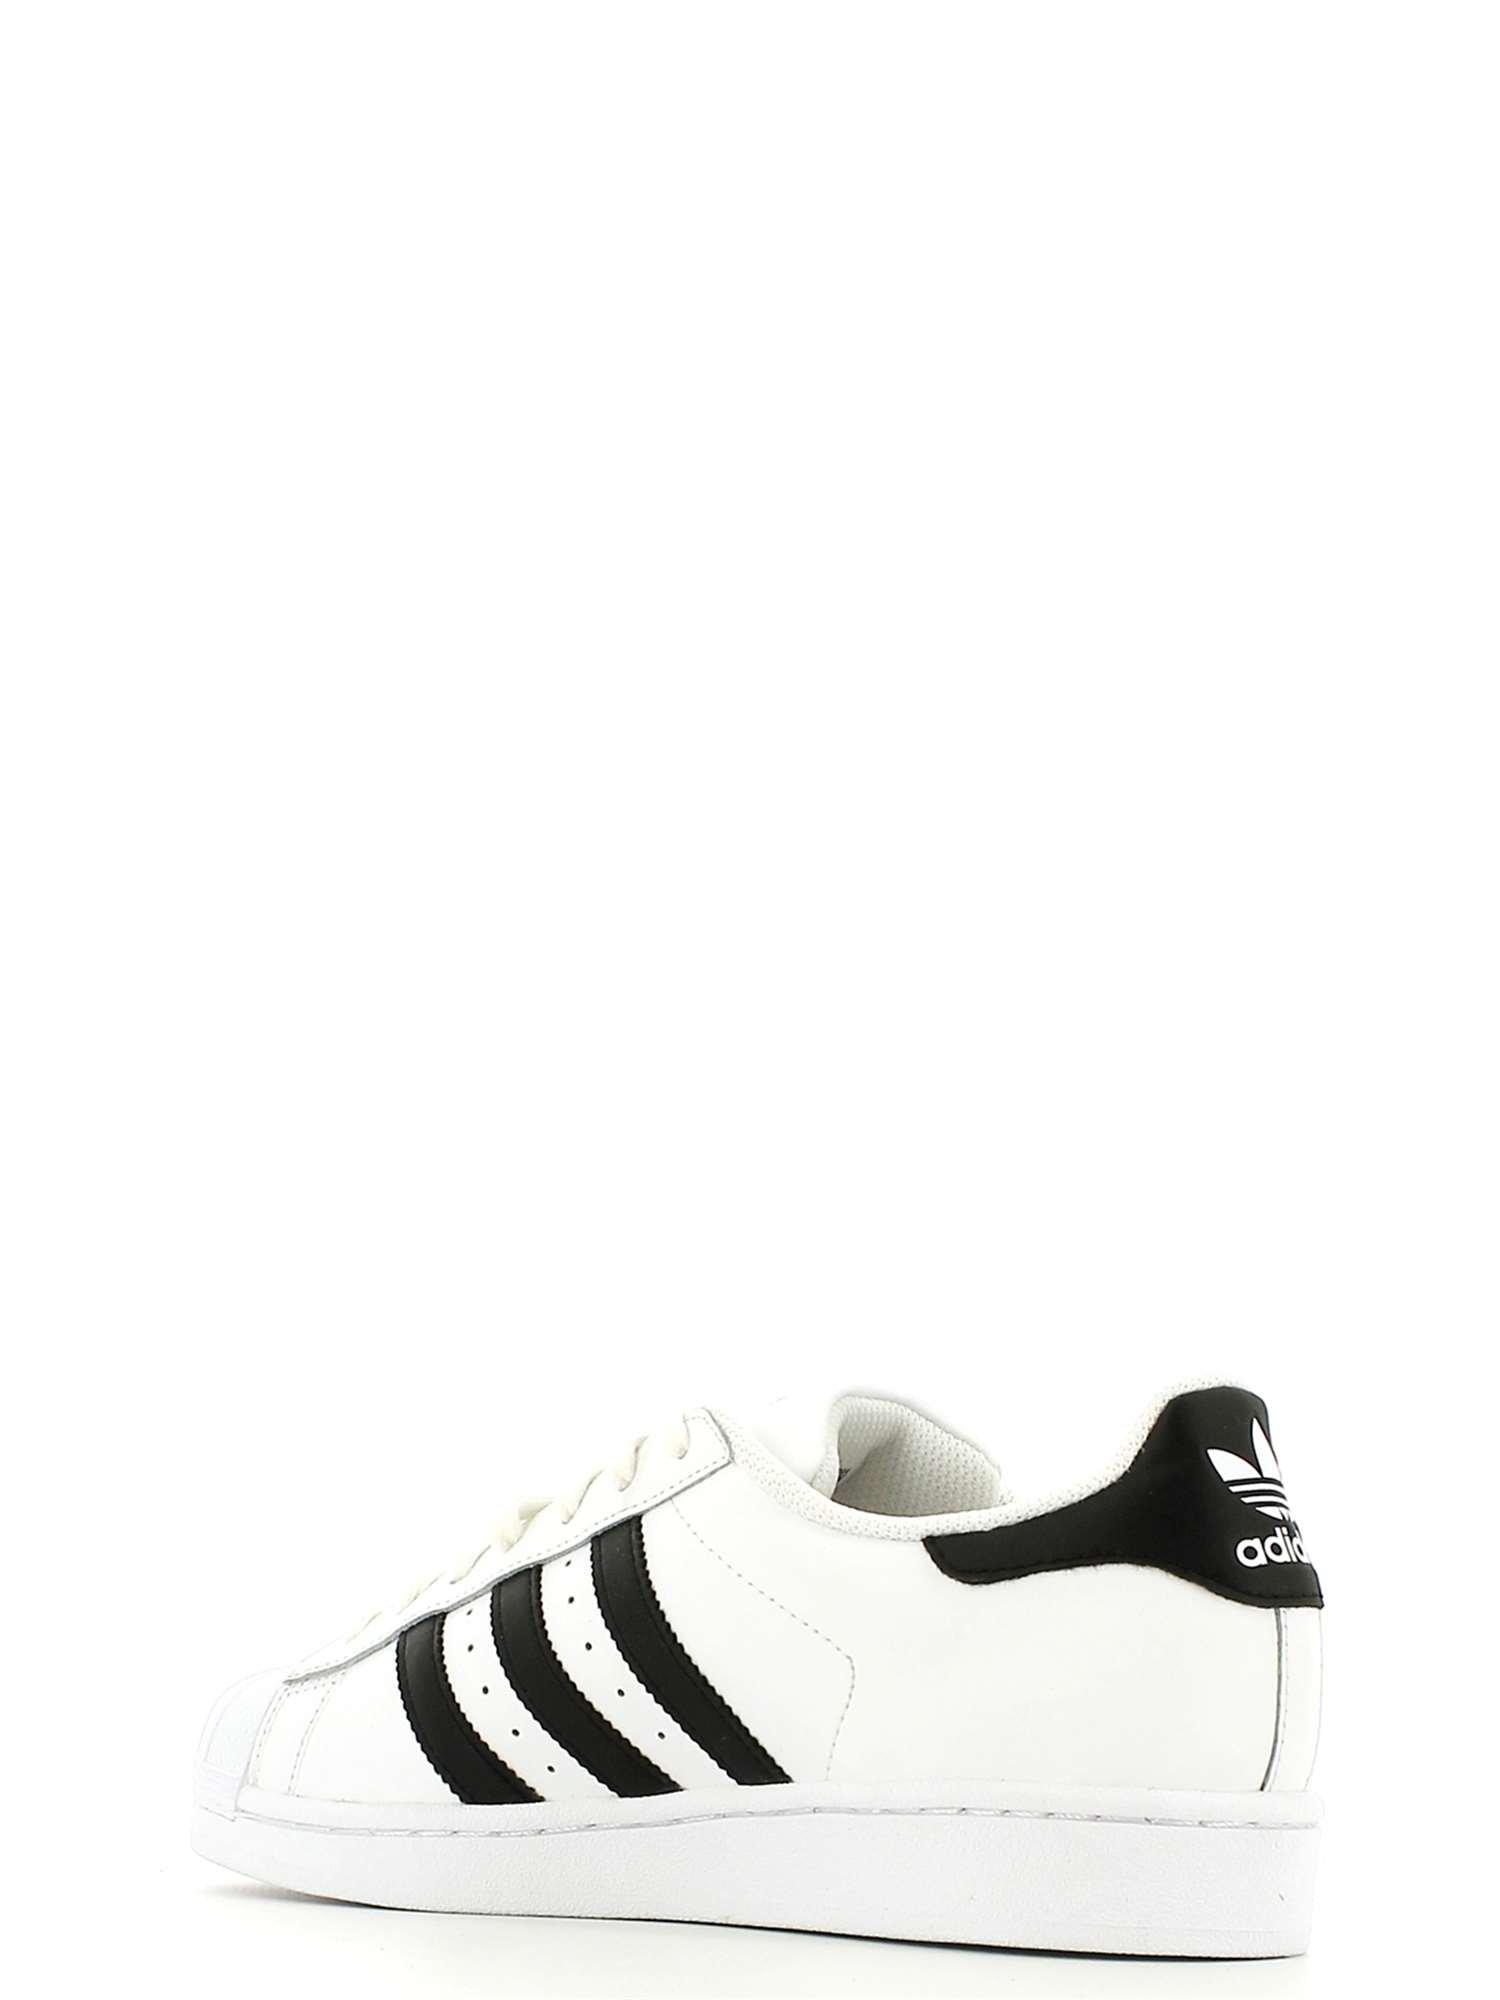 adidas Superstar, Scarpe da Fitness Uomo 4 spesavip